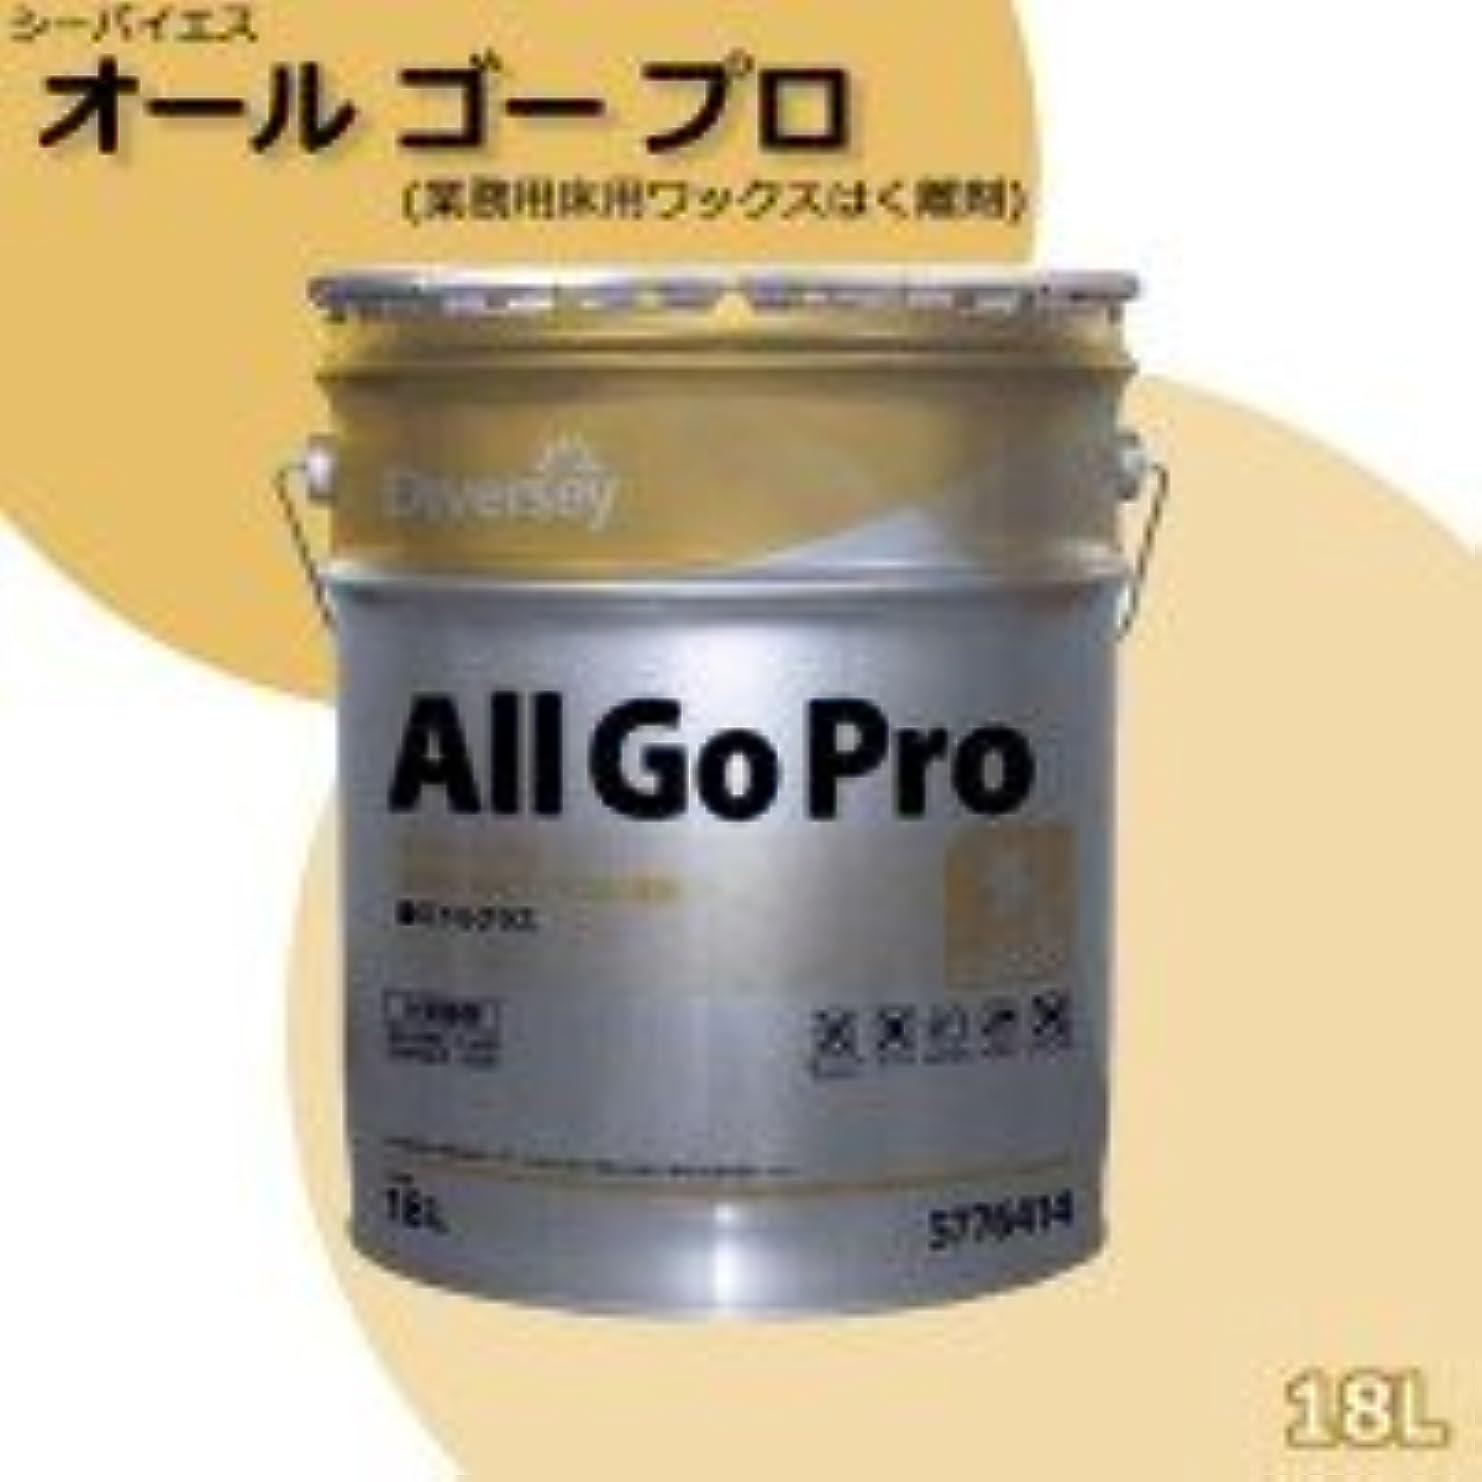 サンプル天皇焼くシーバイエス オールゴープロ(業務用床用ワックスはく離剤) 18L